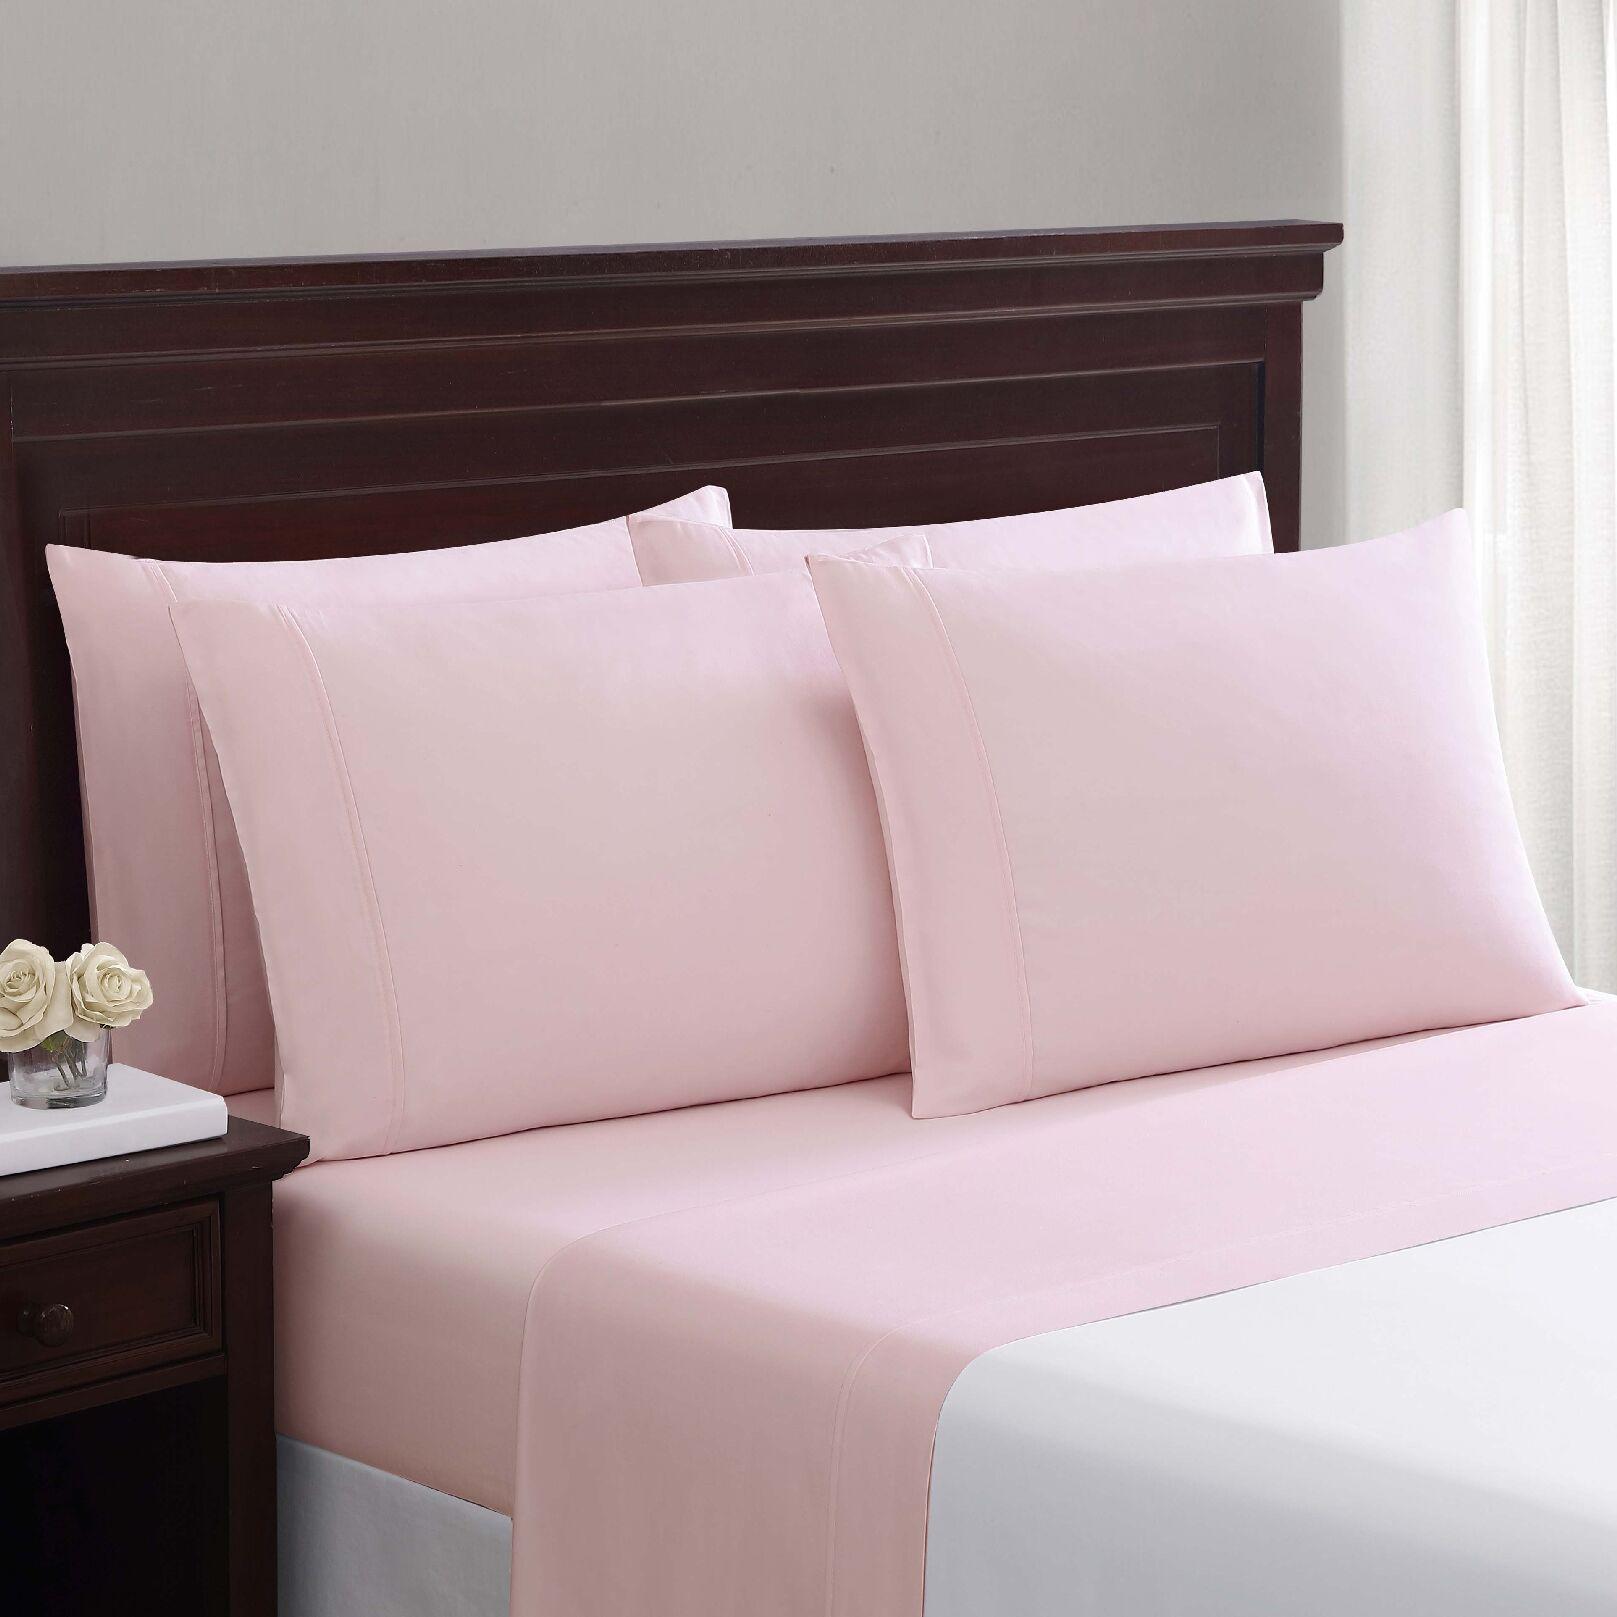 Daigneault Sheet Set Color: Blush Pink, Size: King